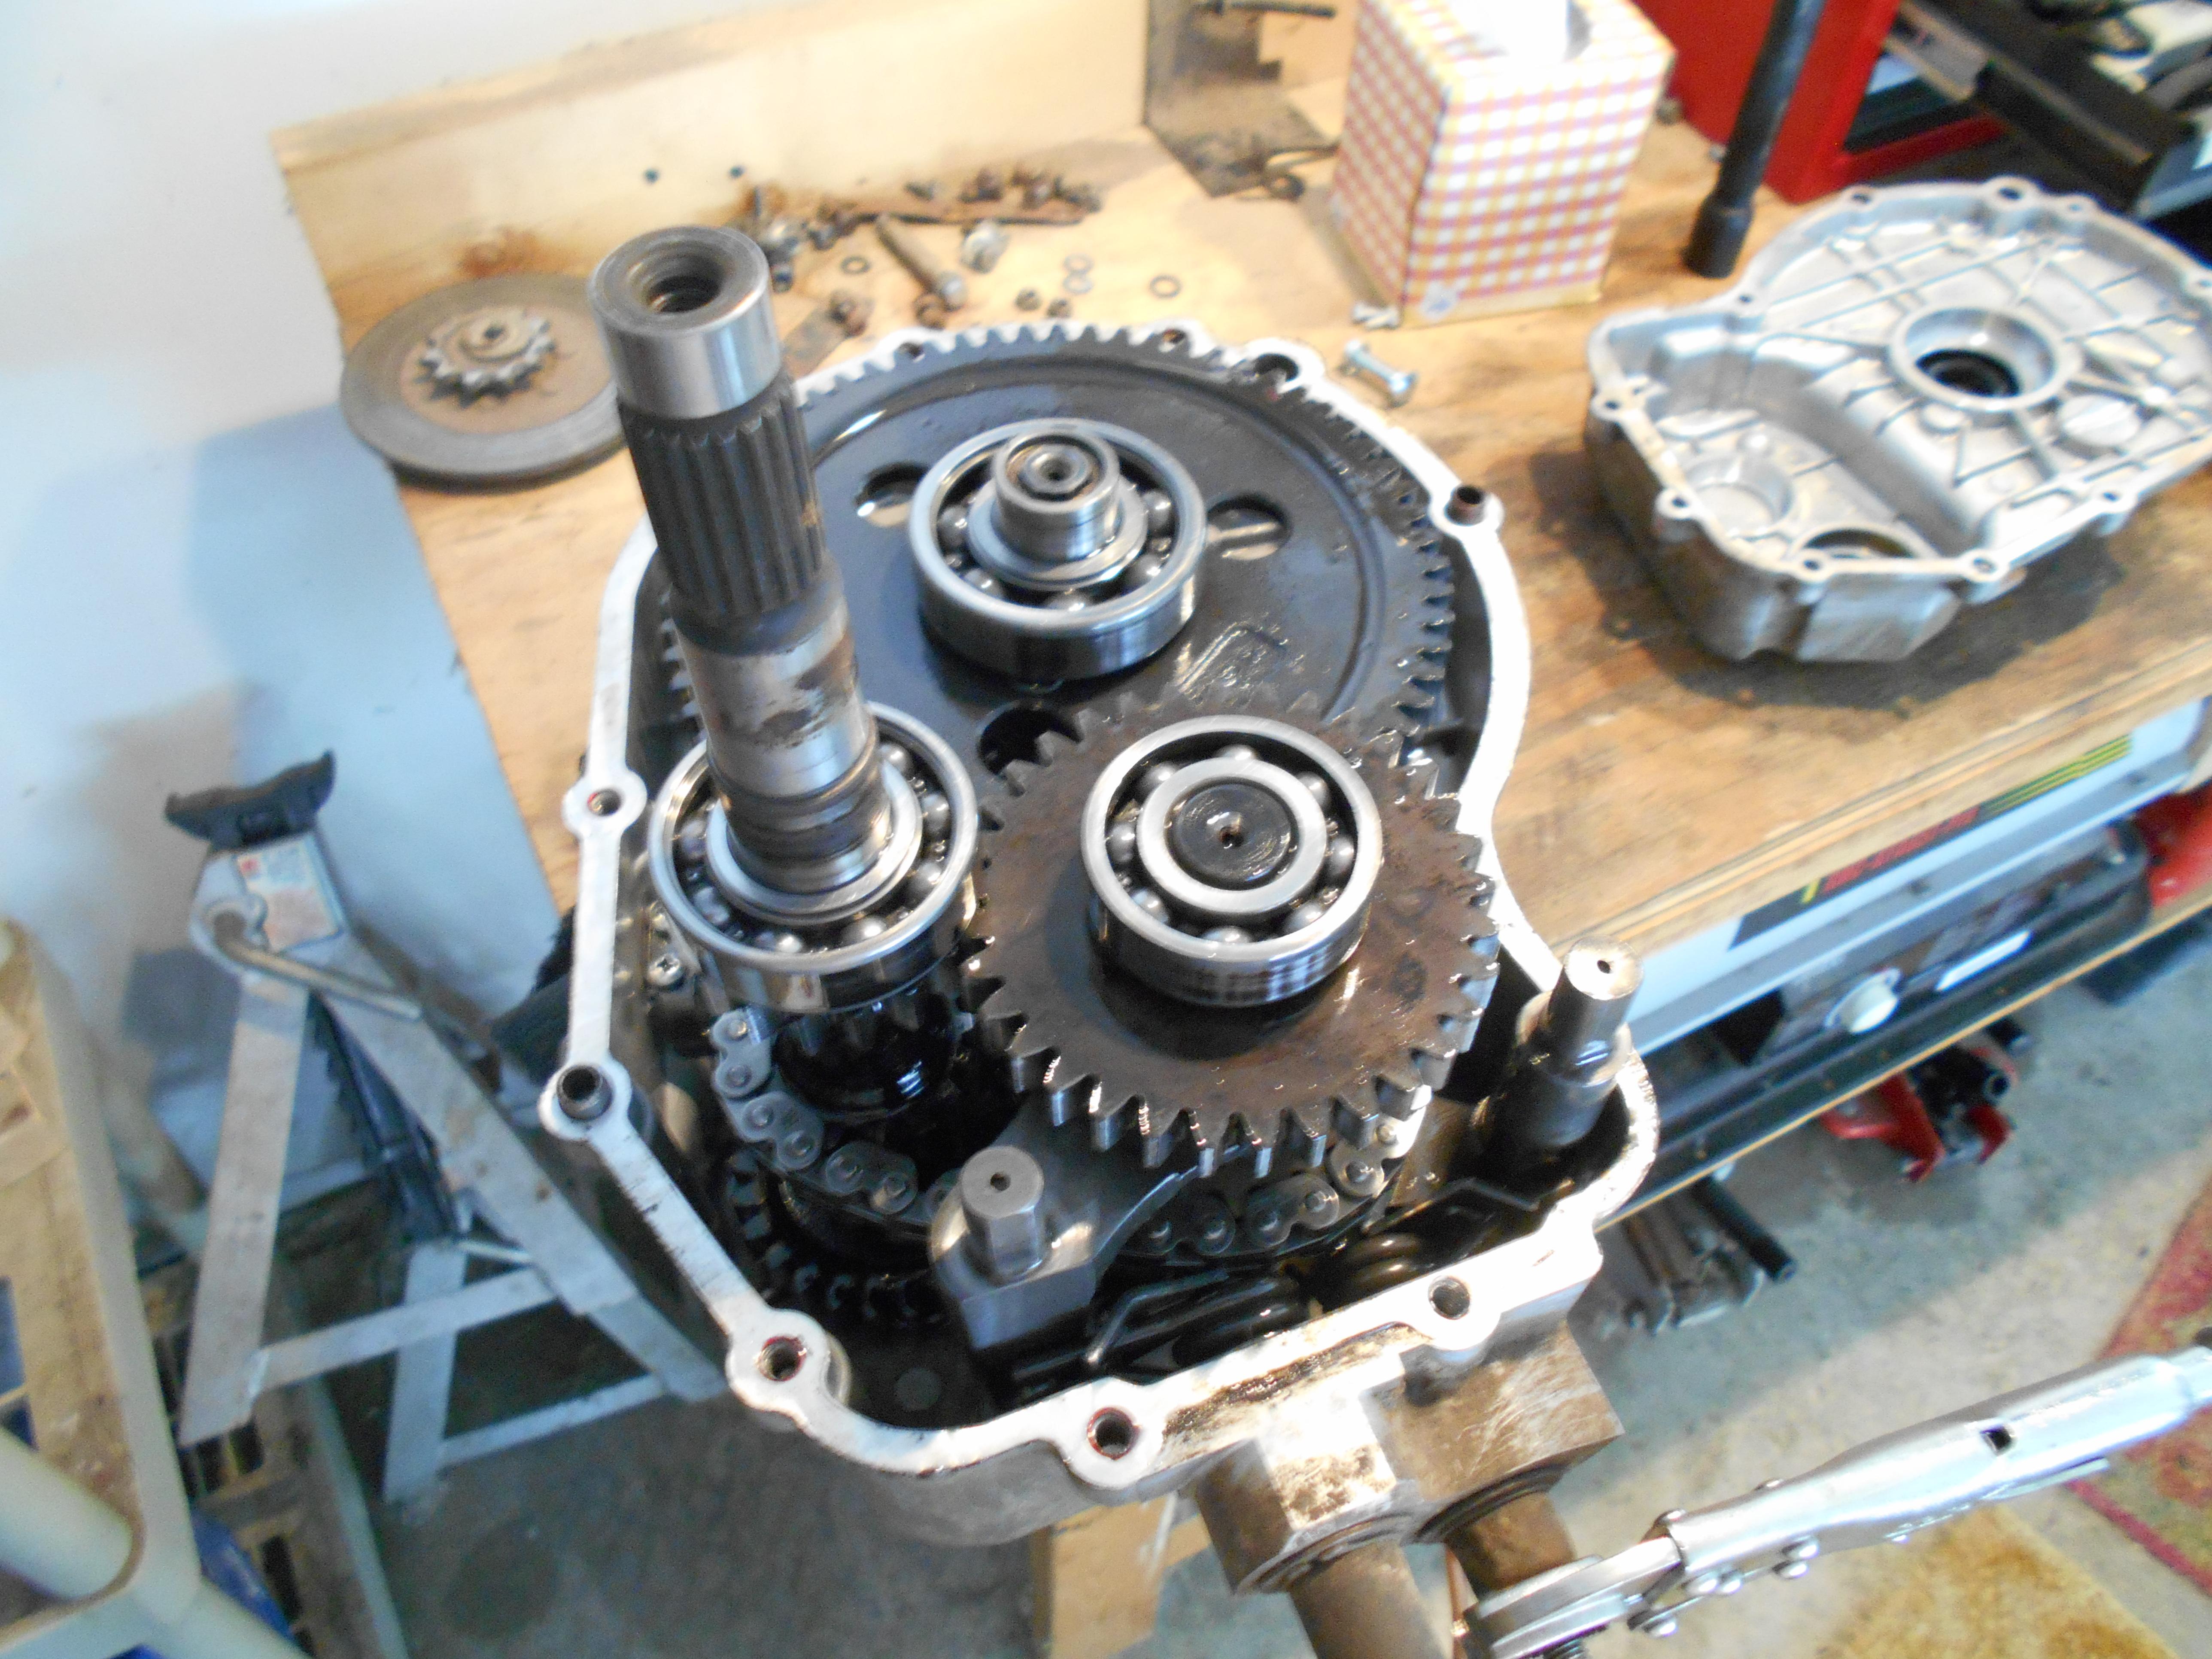 Polaris Magnum 425 >> 95 polaris magnum 4x4 won't go into hi gear - Polaris ATV Forum